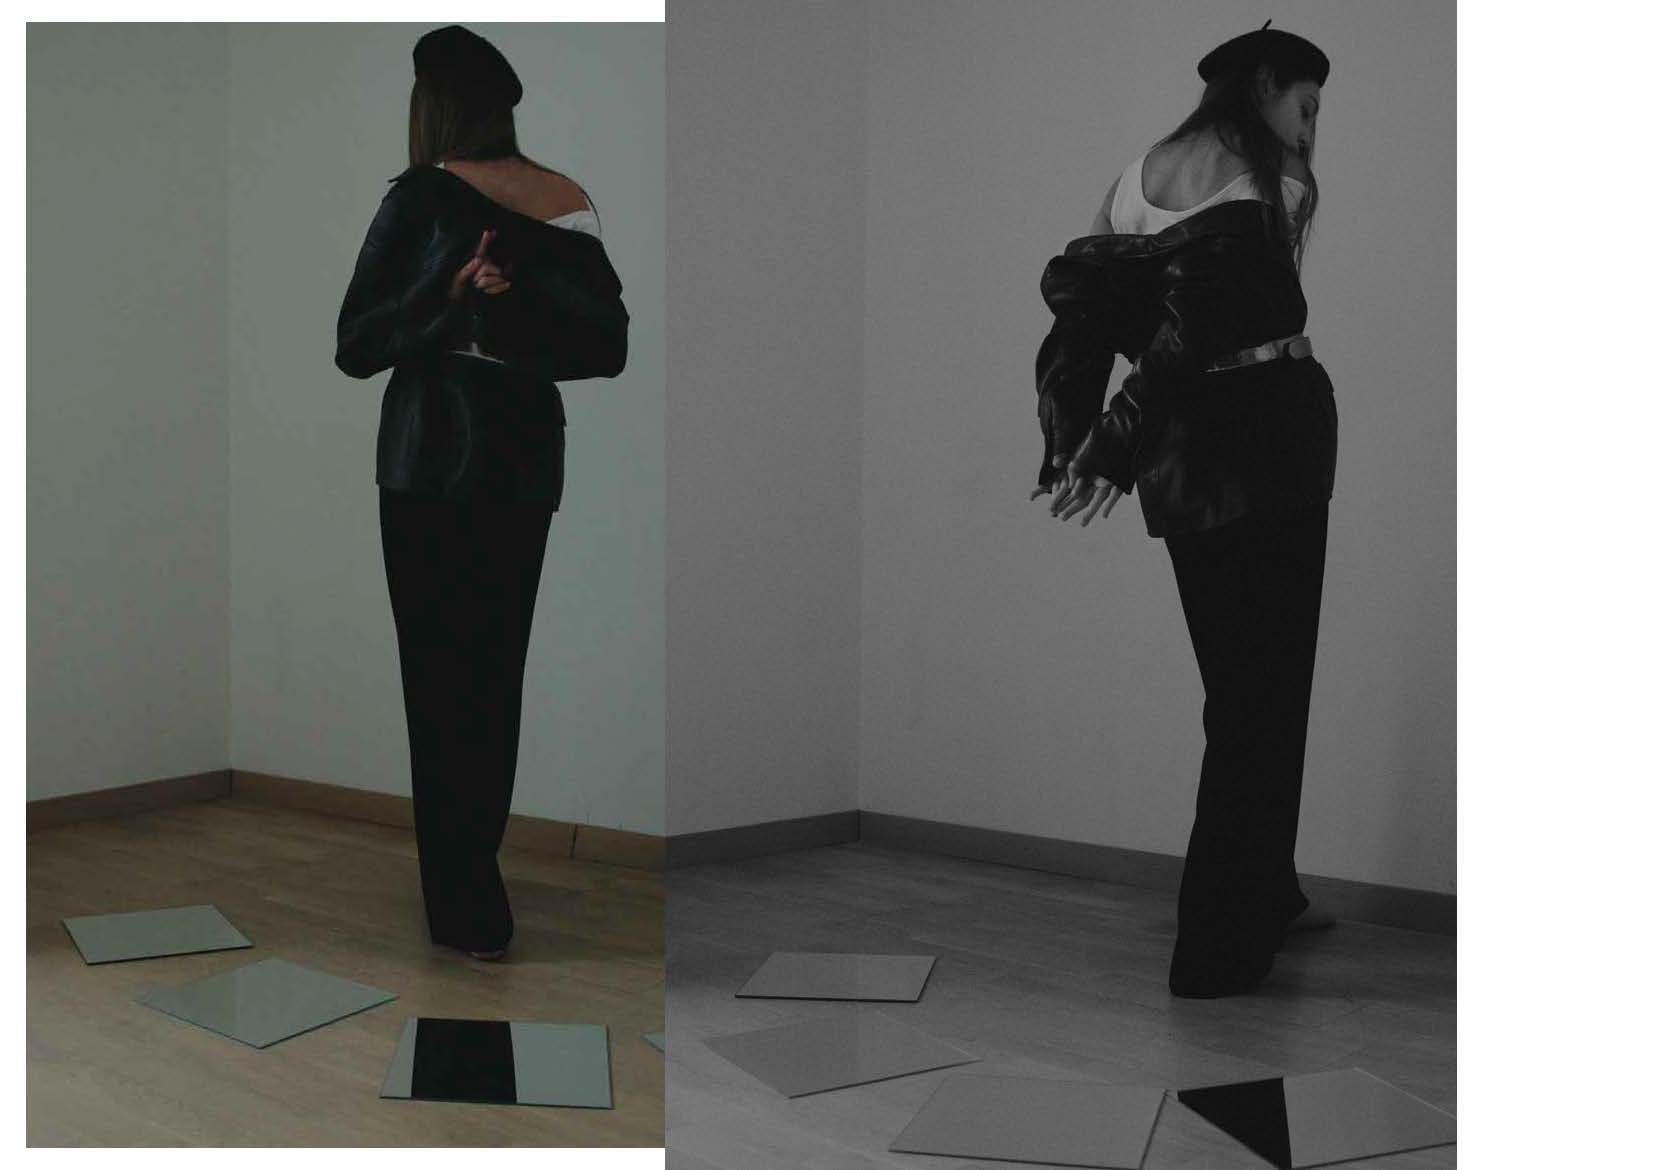 jacket KENZO VINTAGE SELECTION, asymmetrical top JACQUEMUS, black trousers LUCIO VANOTTI, silver belt and black hat à la français STYLIST ARCHIVE